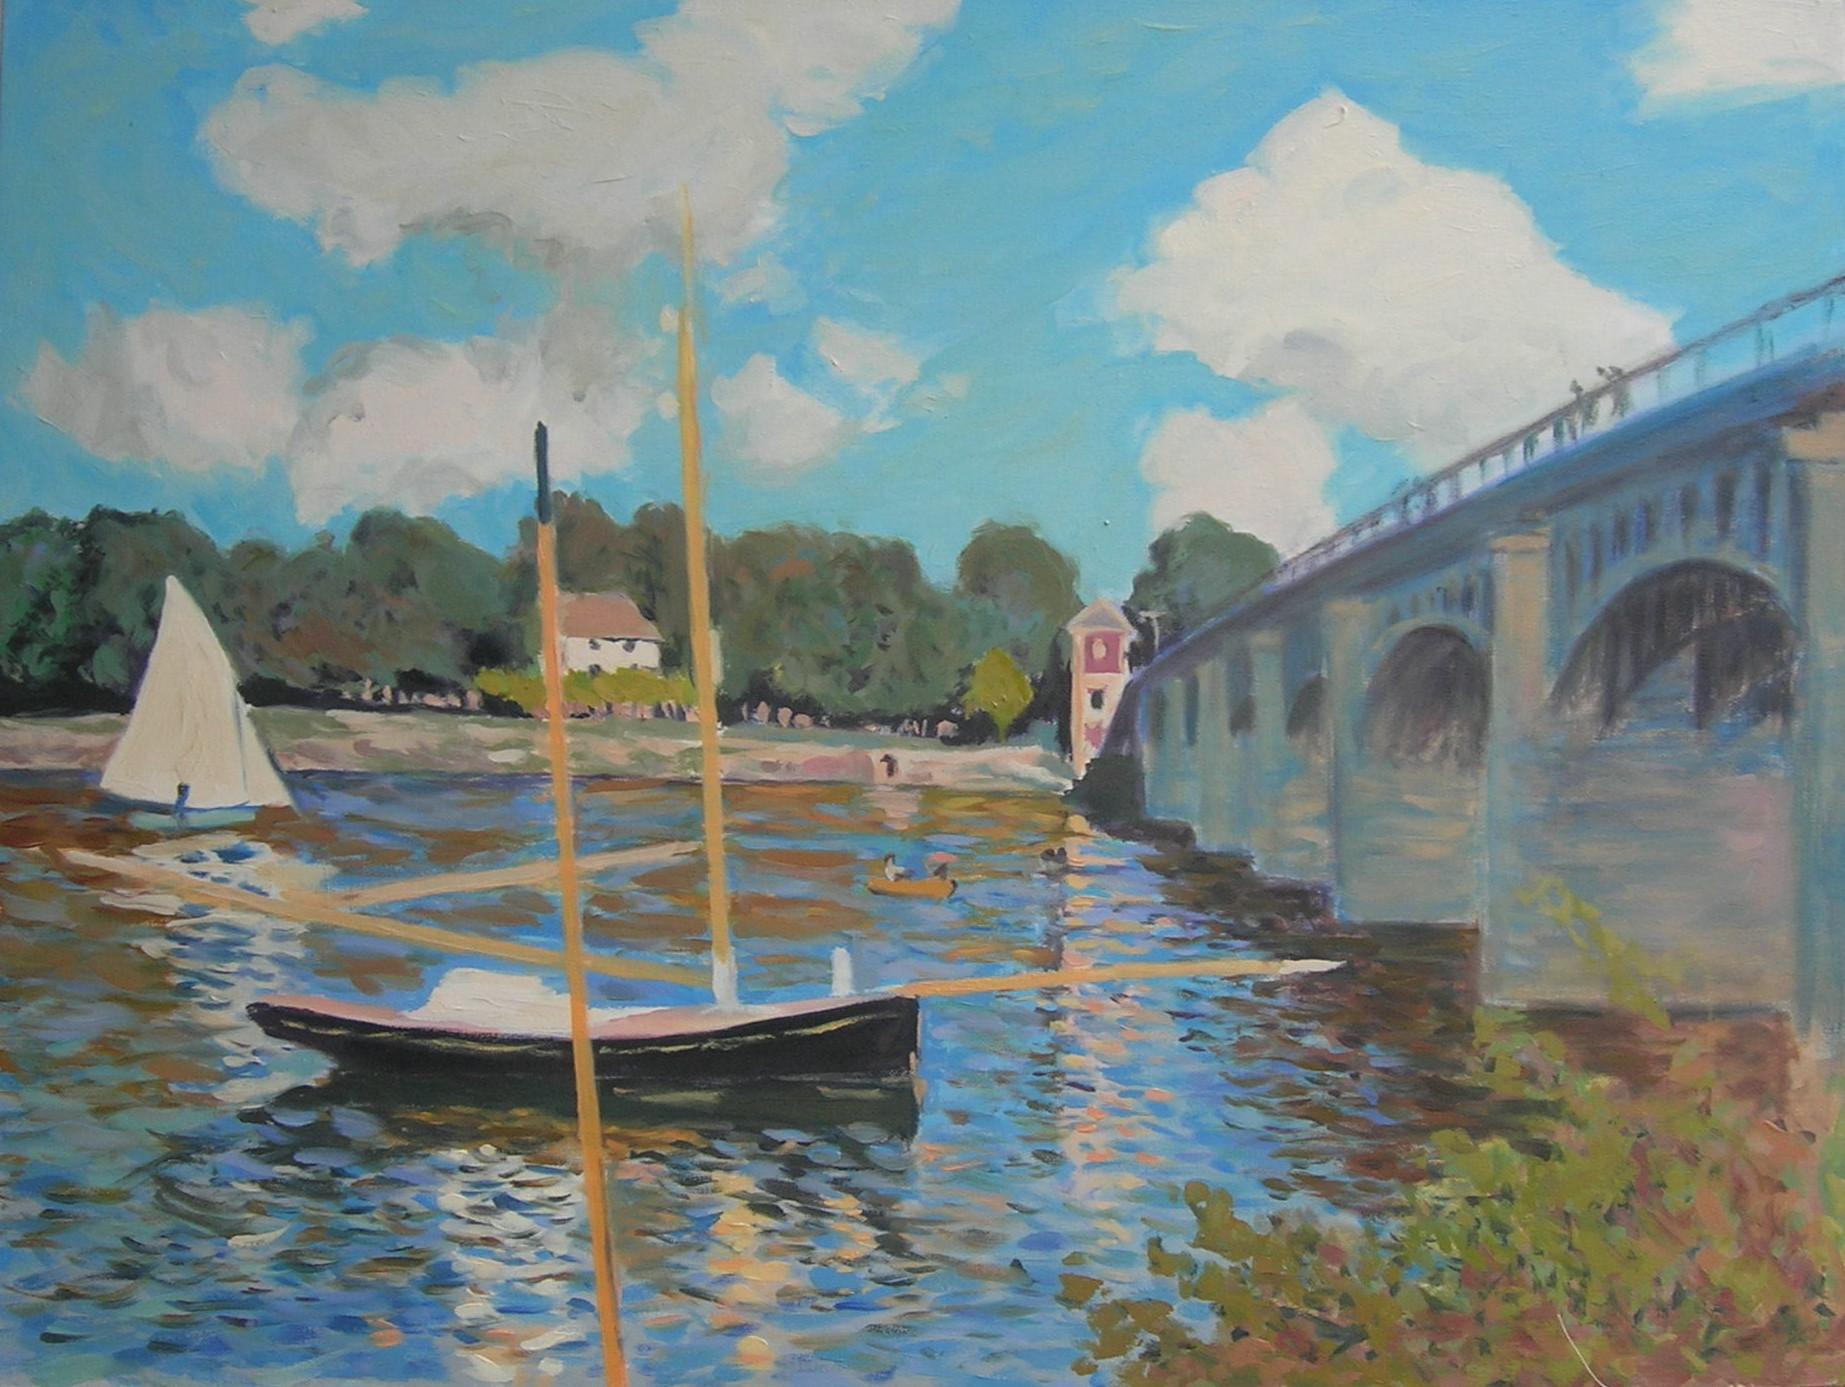 Copy after Claude Monet    The Bridge at Argenteuil